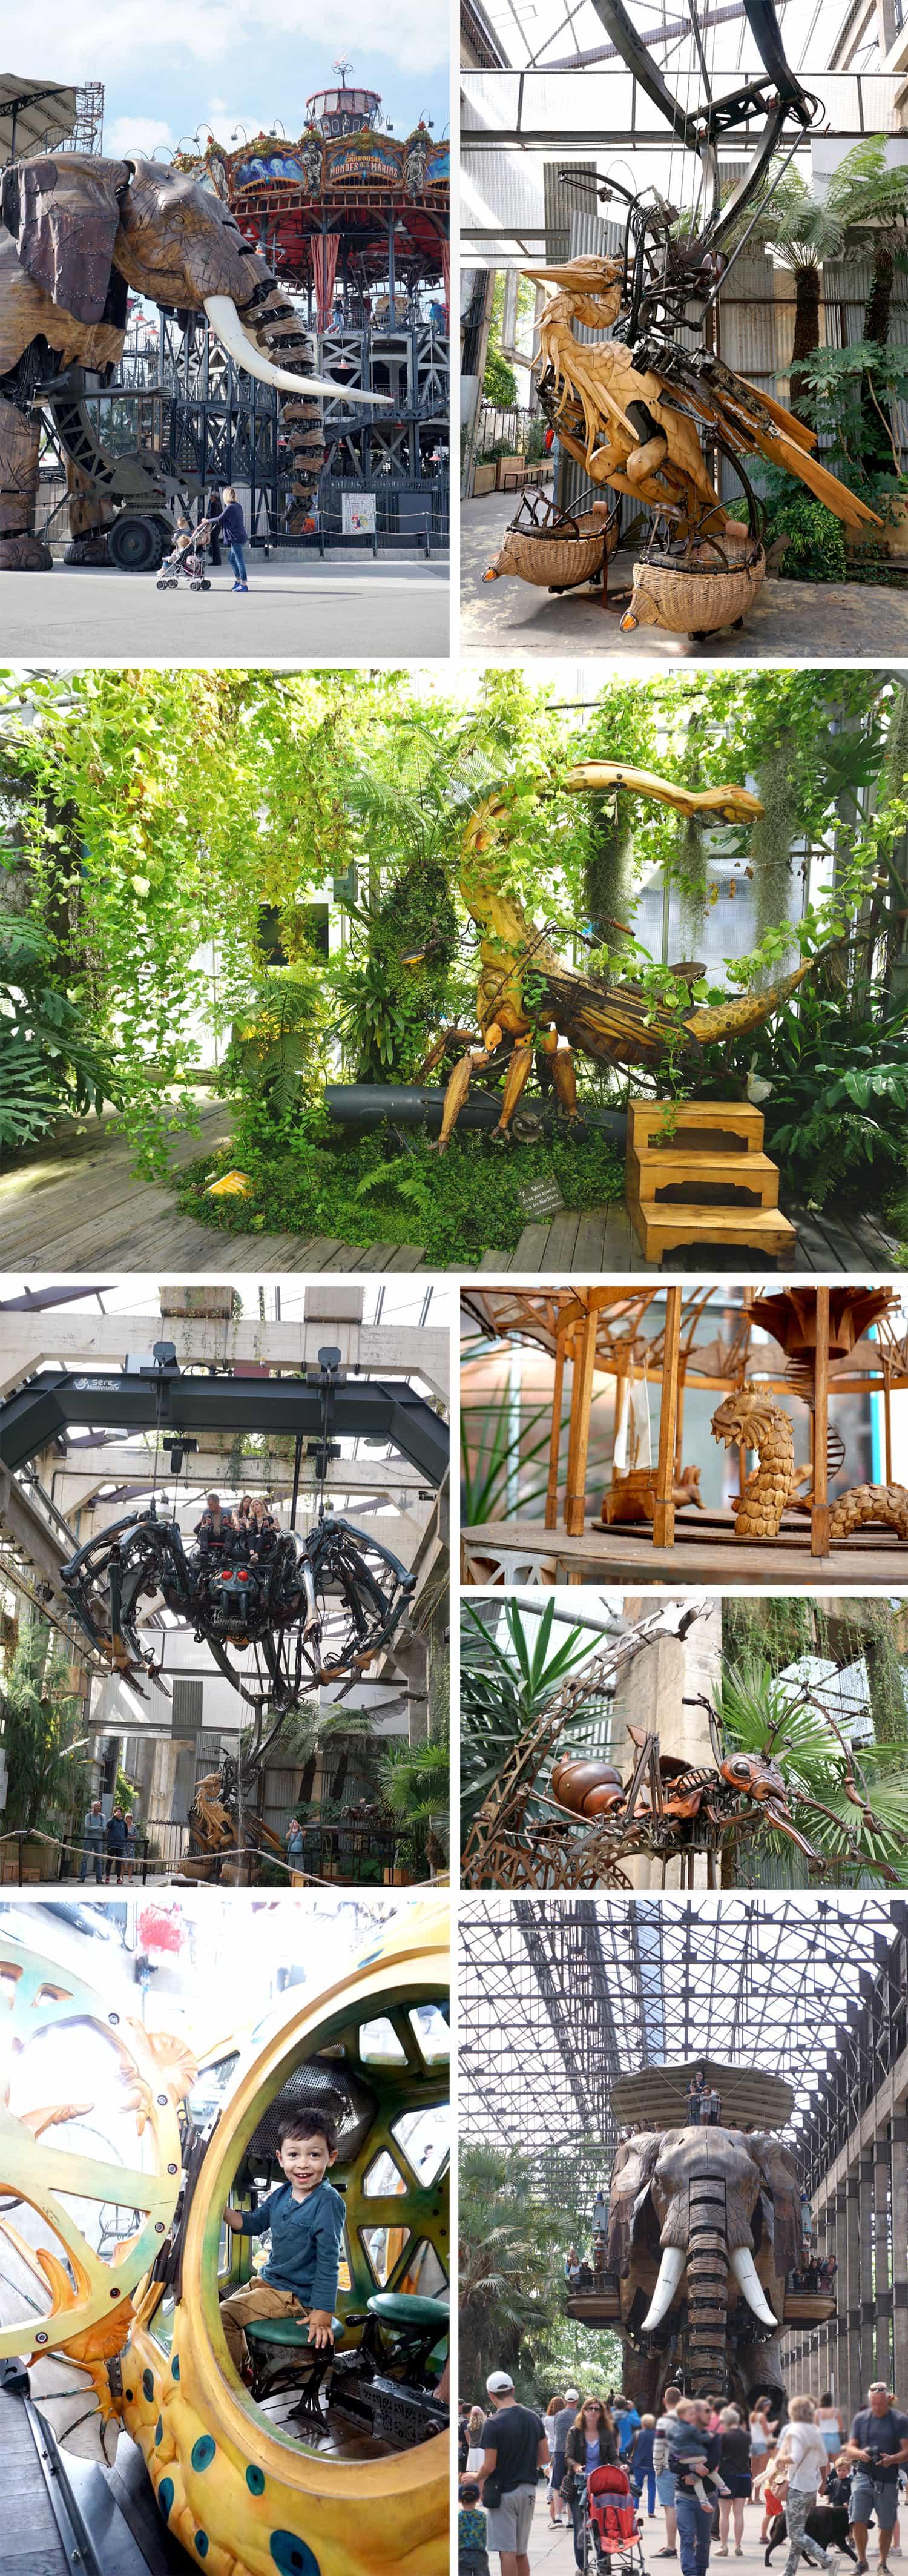 Visiter Nantes : les machines de l'Île